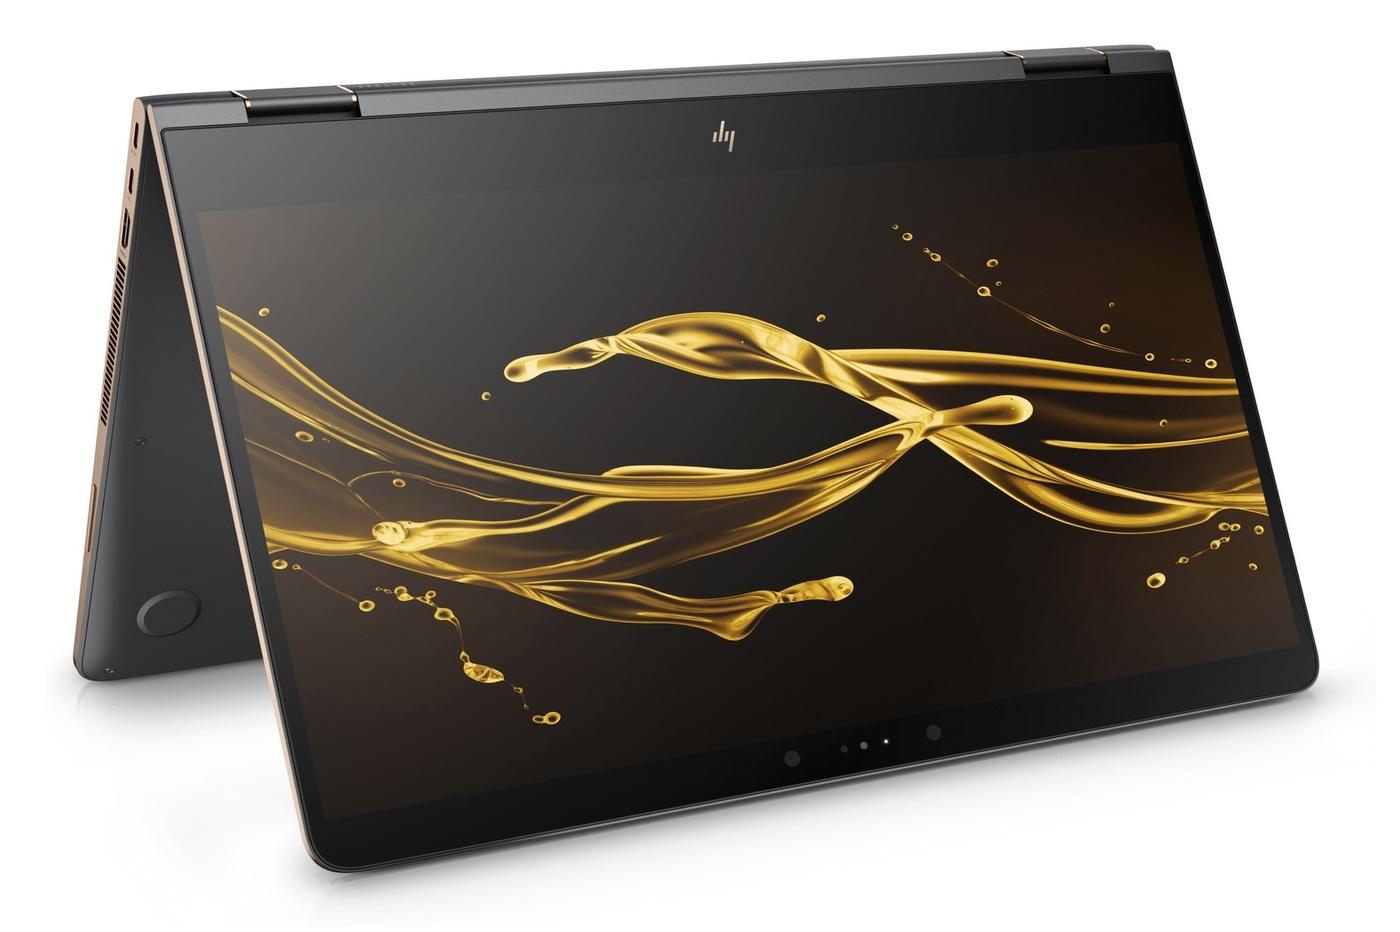 HP-Spectre-x360 15 pouces AMOLED